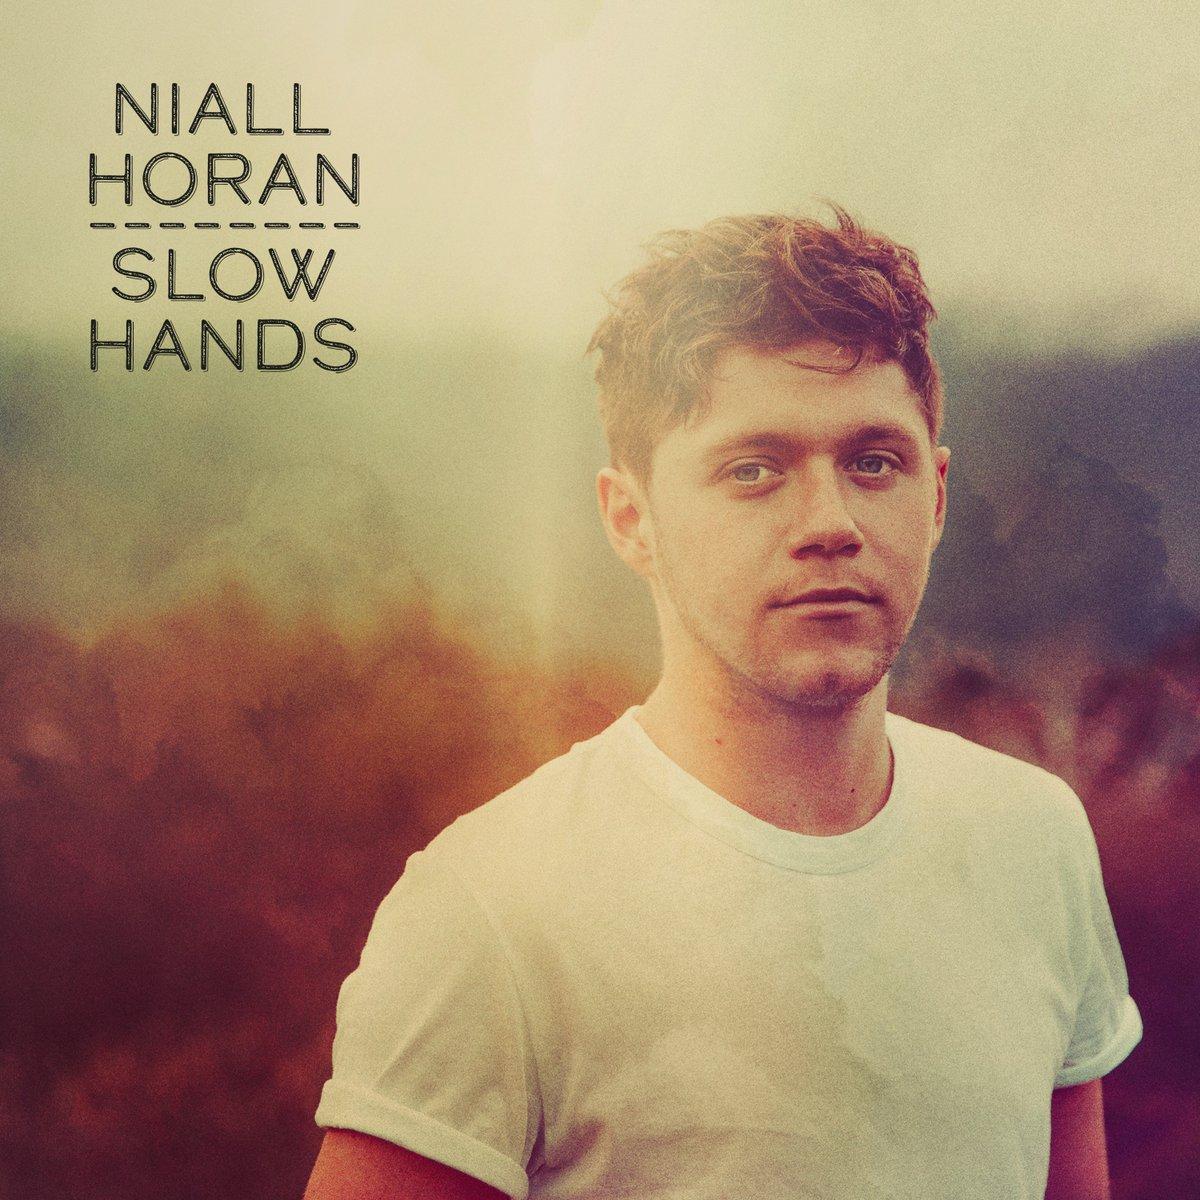 دانلود آهنگ جدید Niall Horan به نام Slow Hands